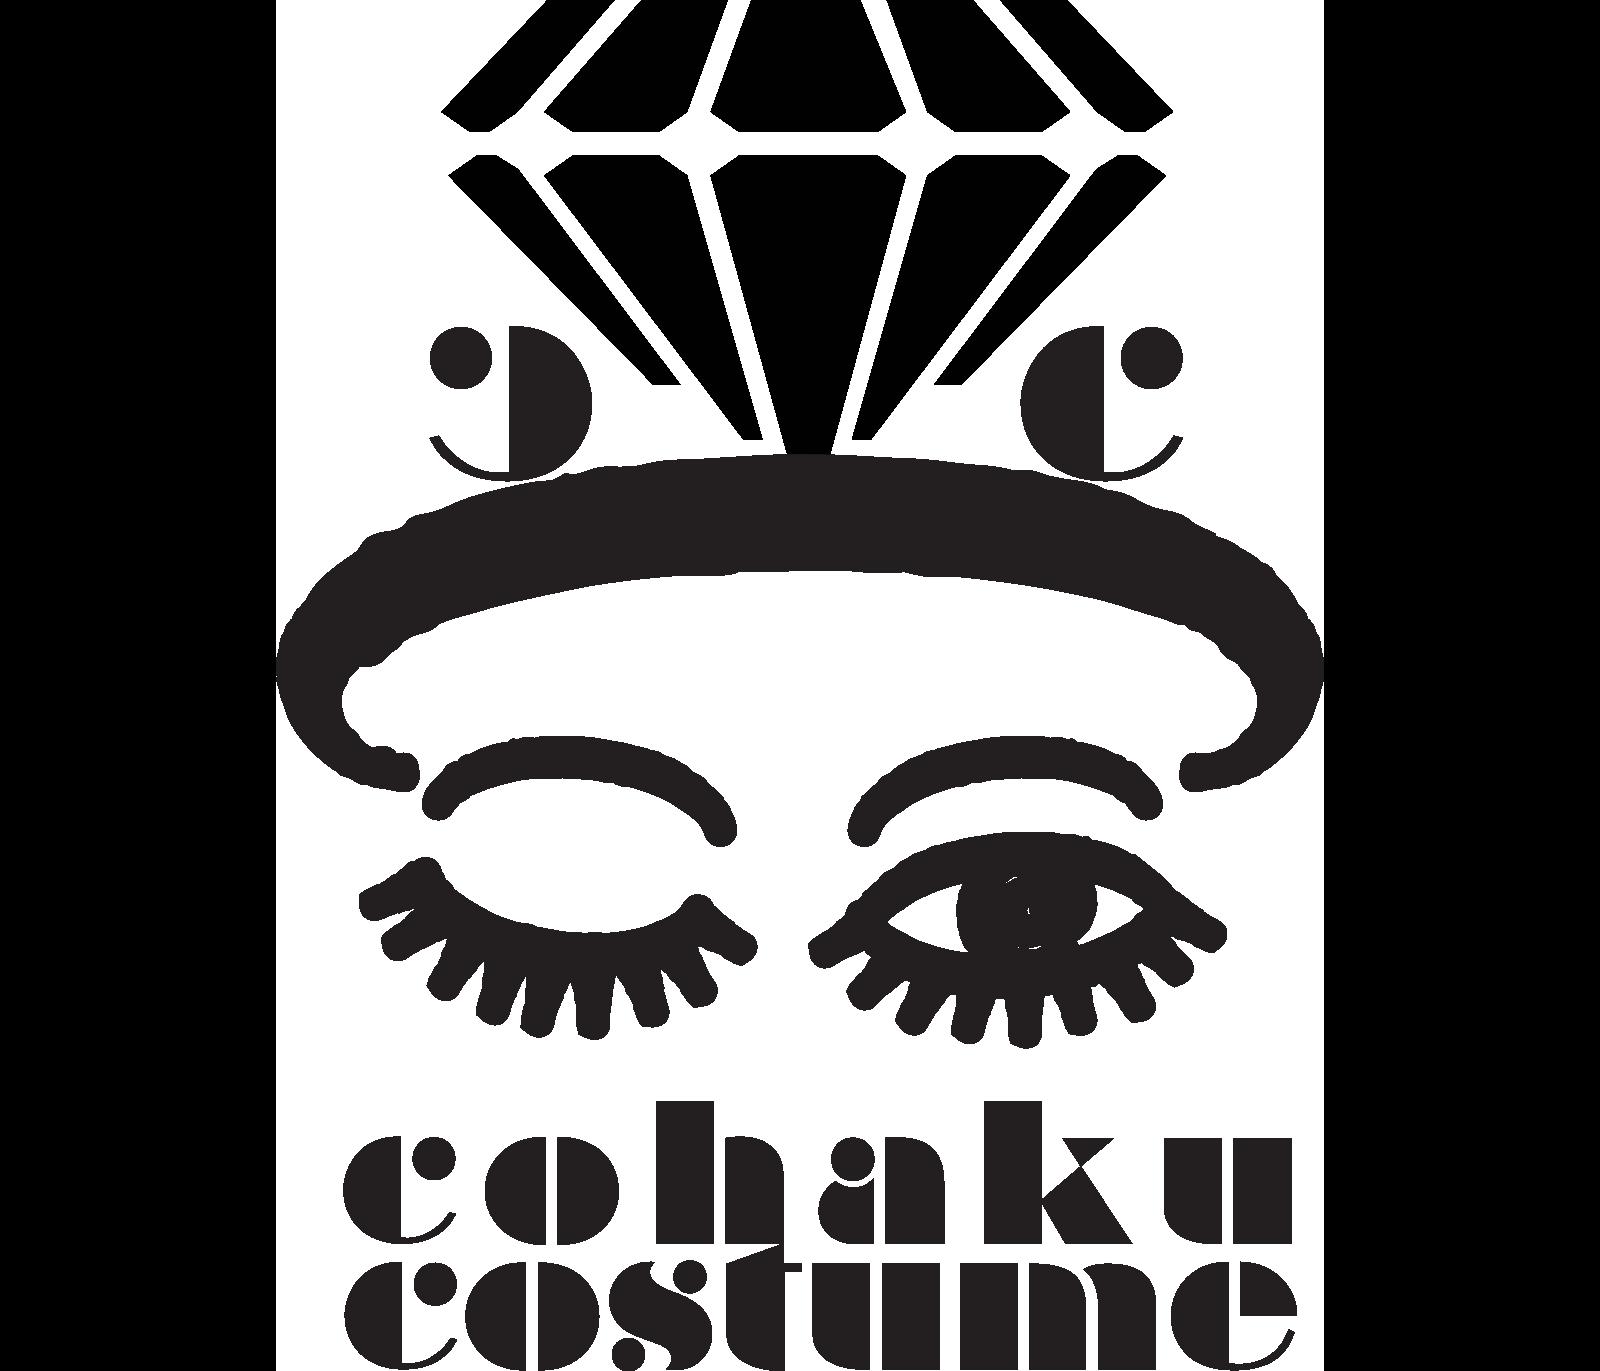 cohaku